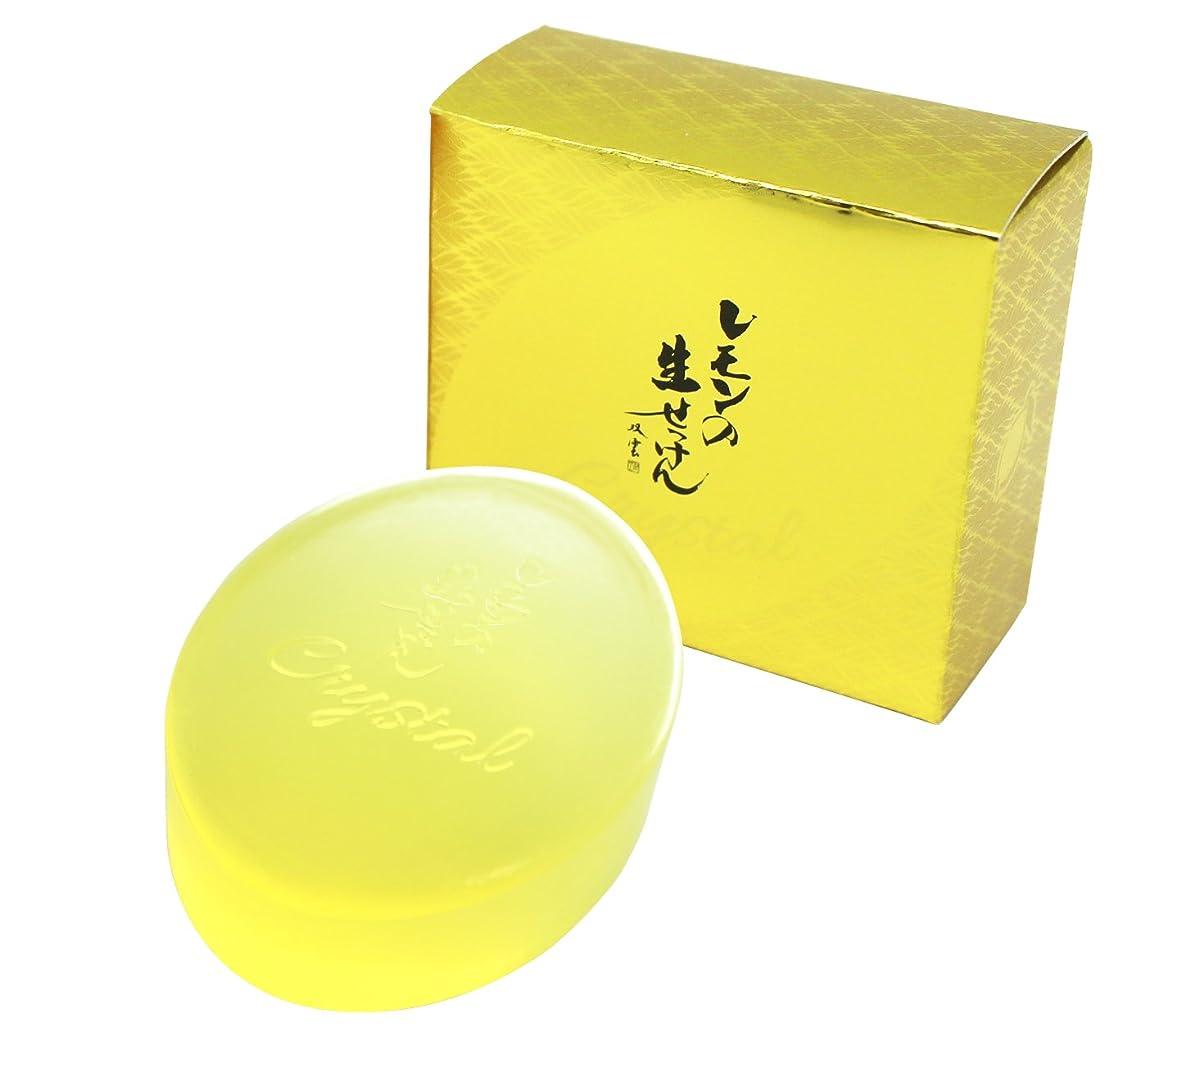 配当カニゴミ美香柑 レモンの生せっけん 洗顔石けん 固形タイプ(枠練り) 90g